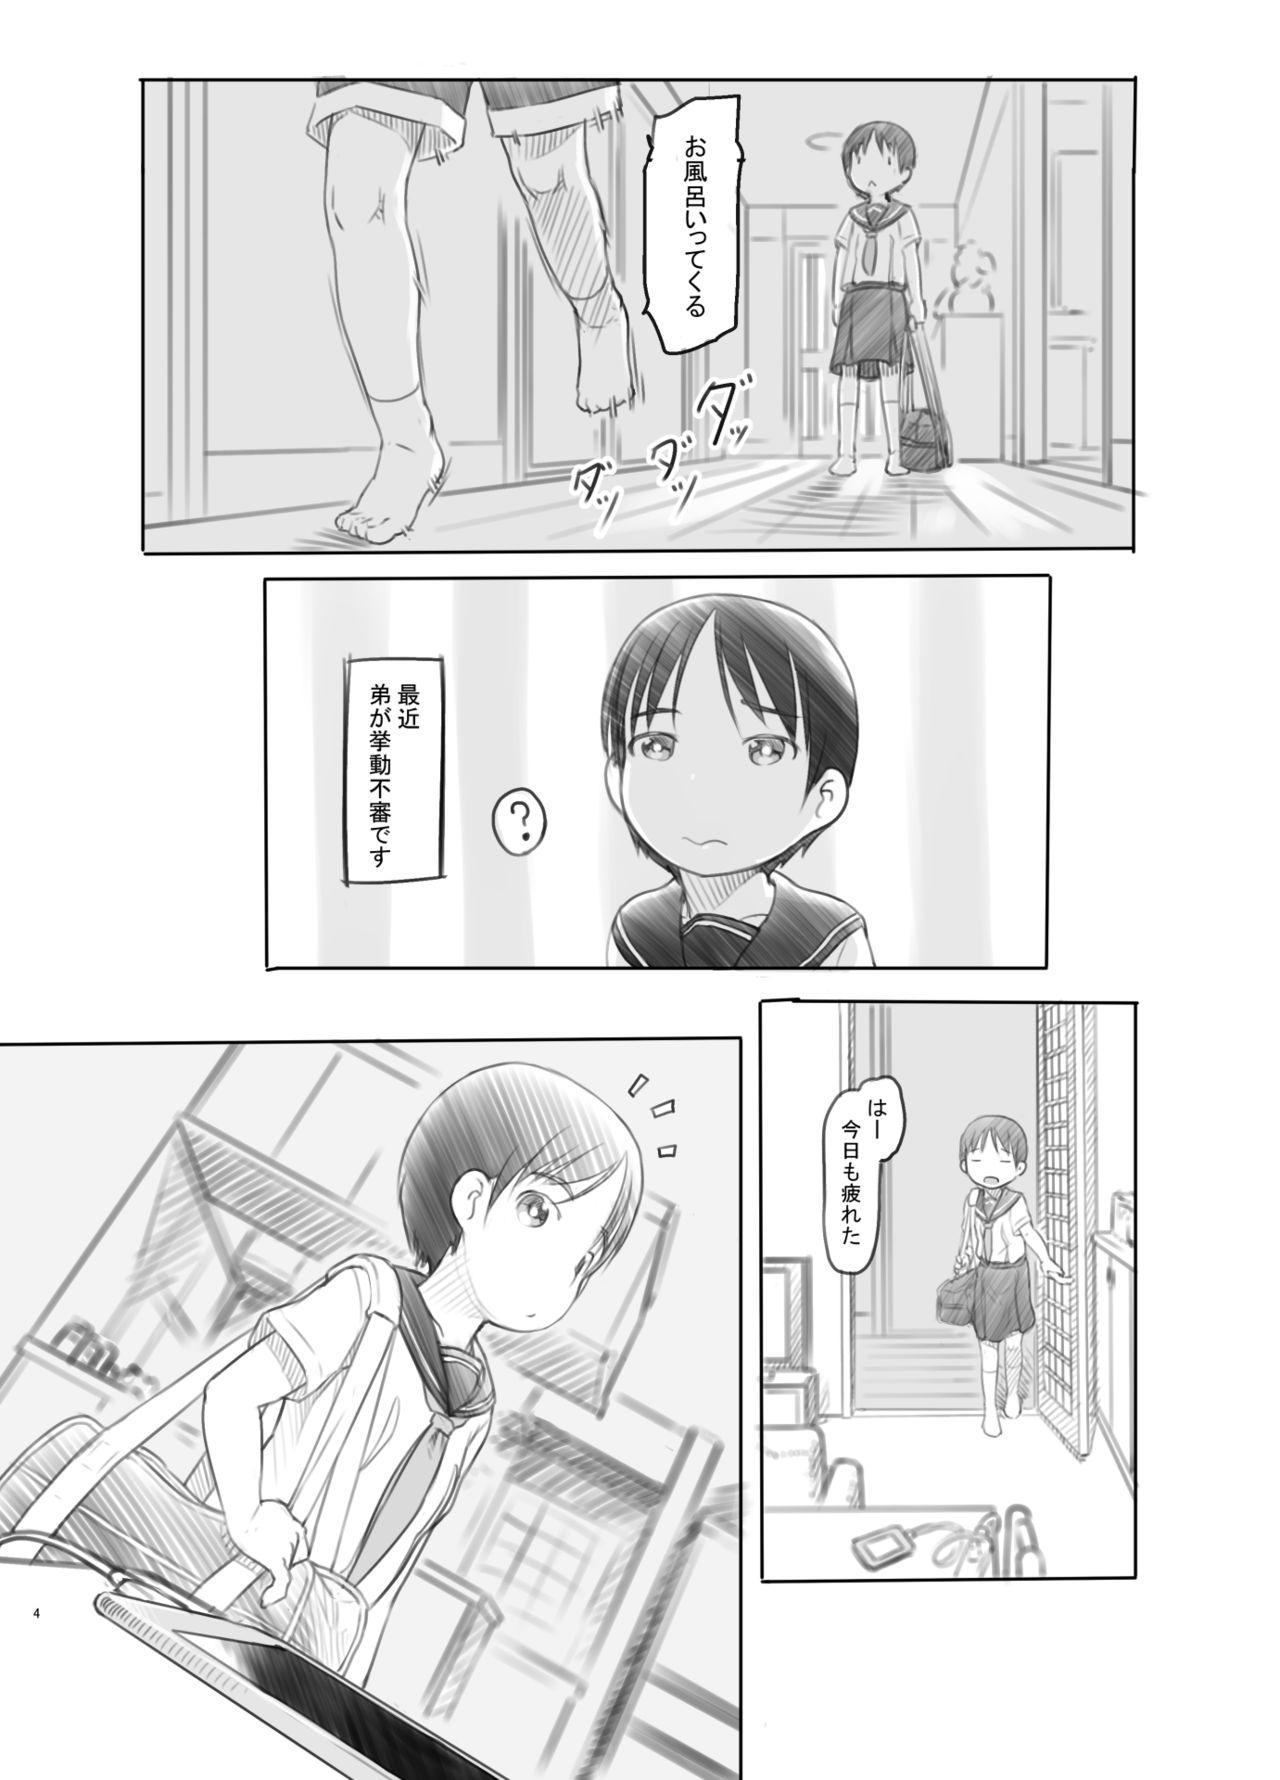 Sei ni Kyoumi ga Detekita Otouto ni Jikan Teishi Appli o Ataete Mita 2